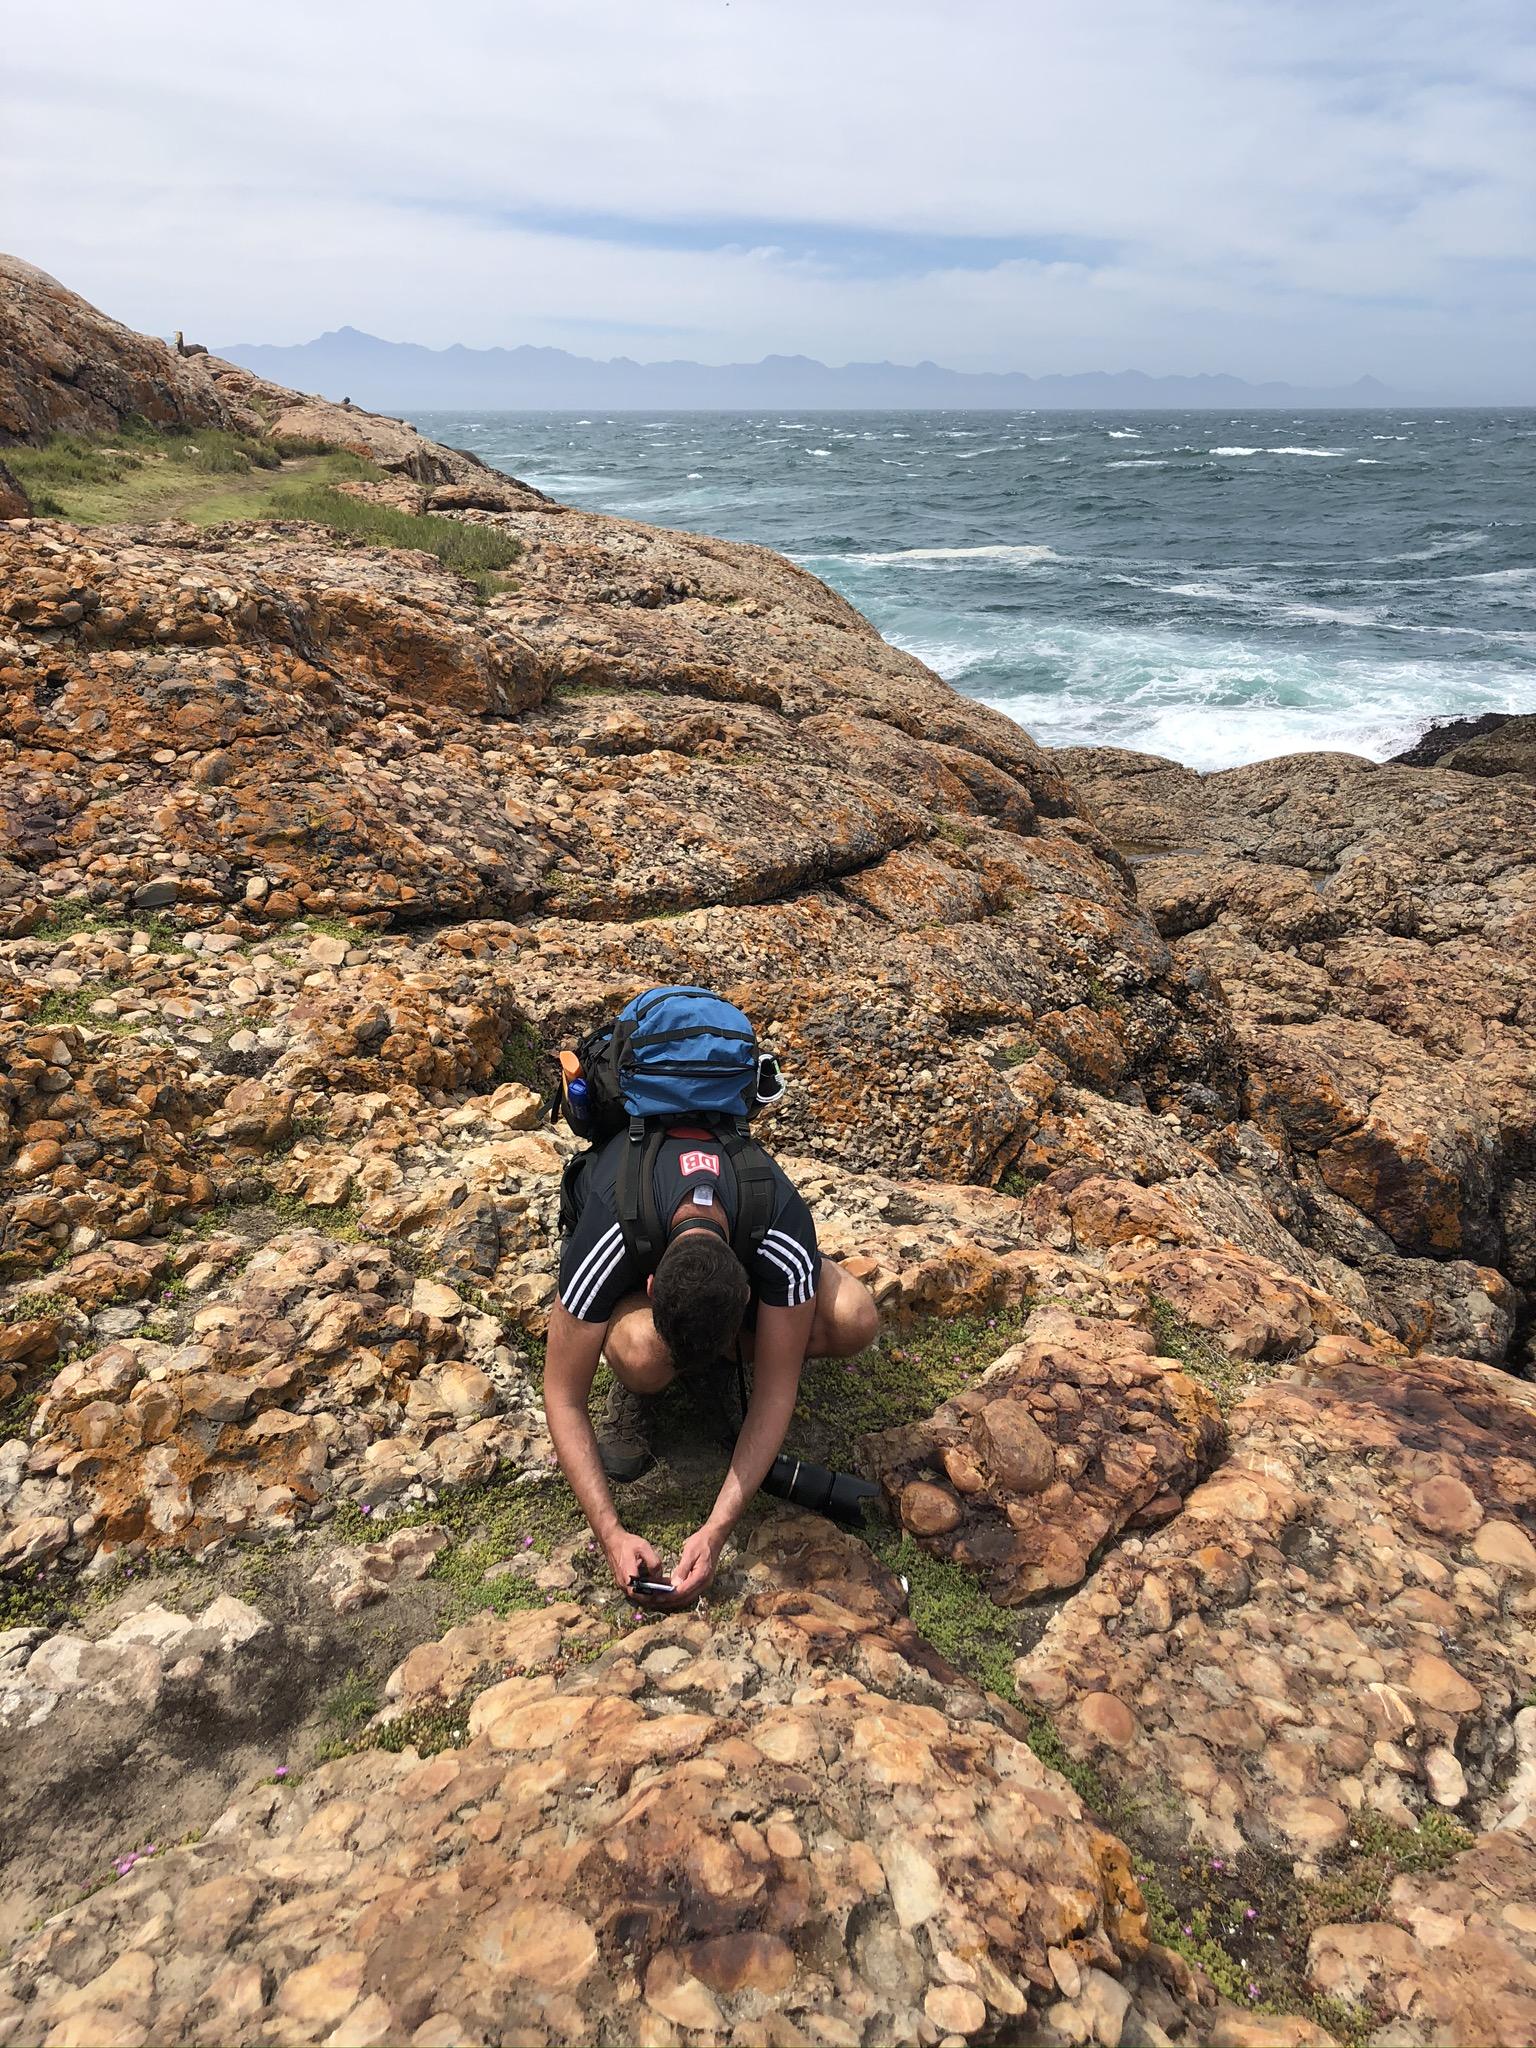 Robberg Nature and Marine Reserve